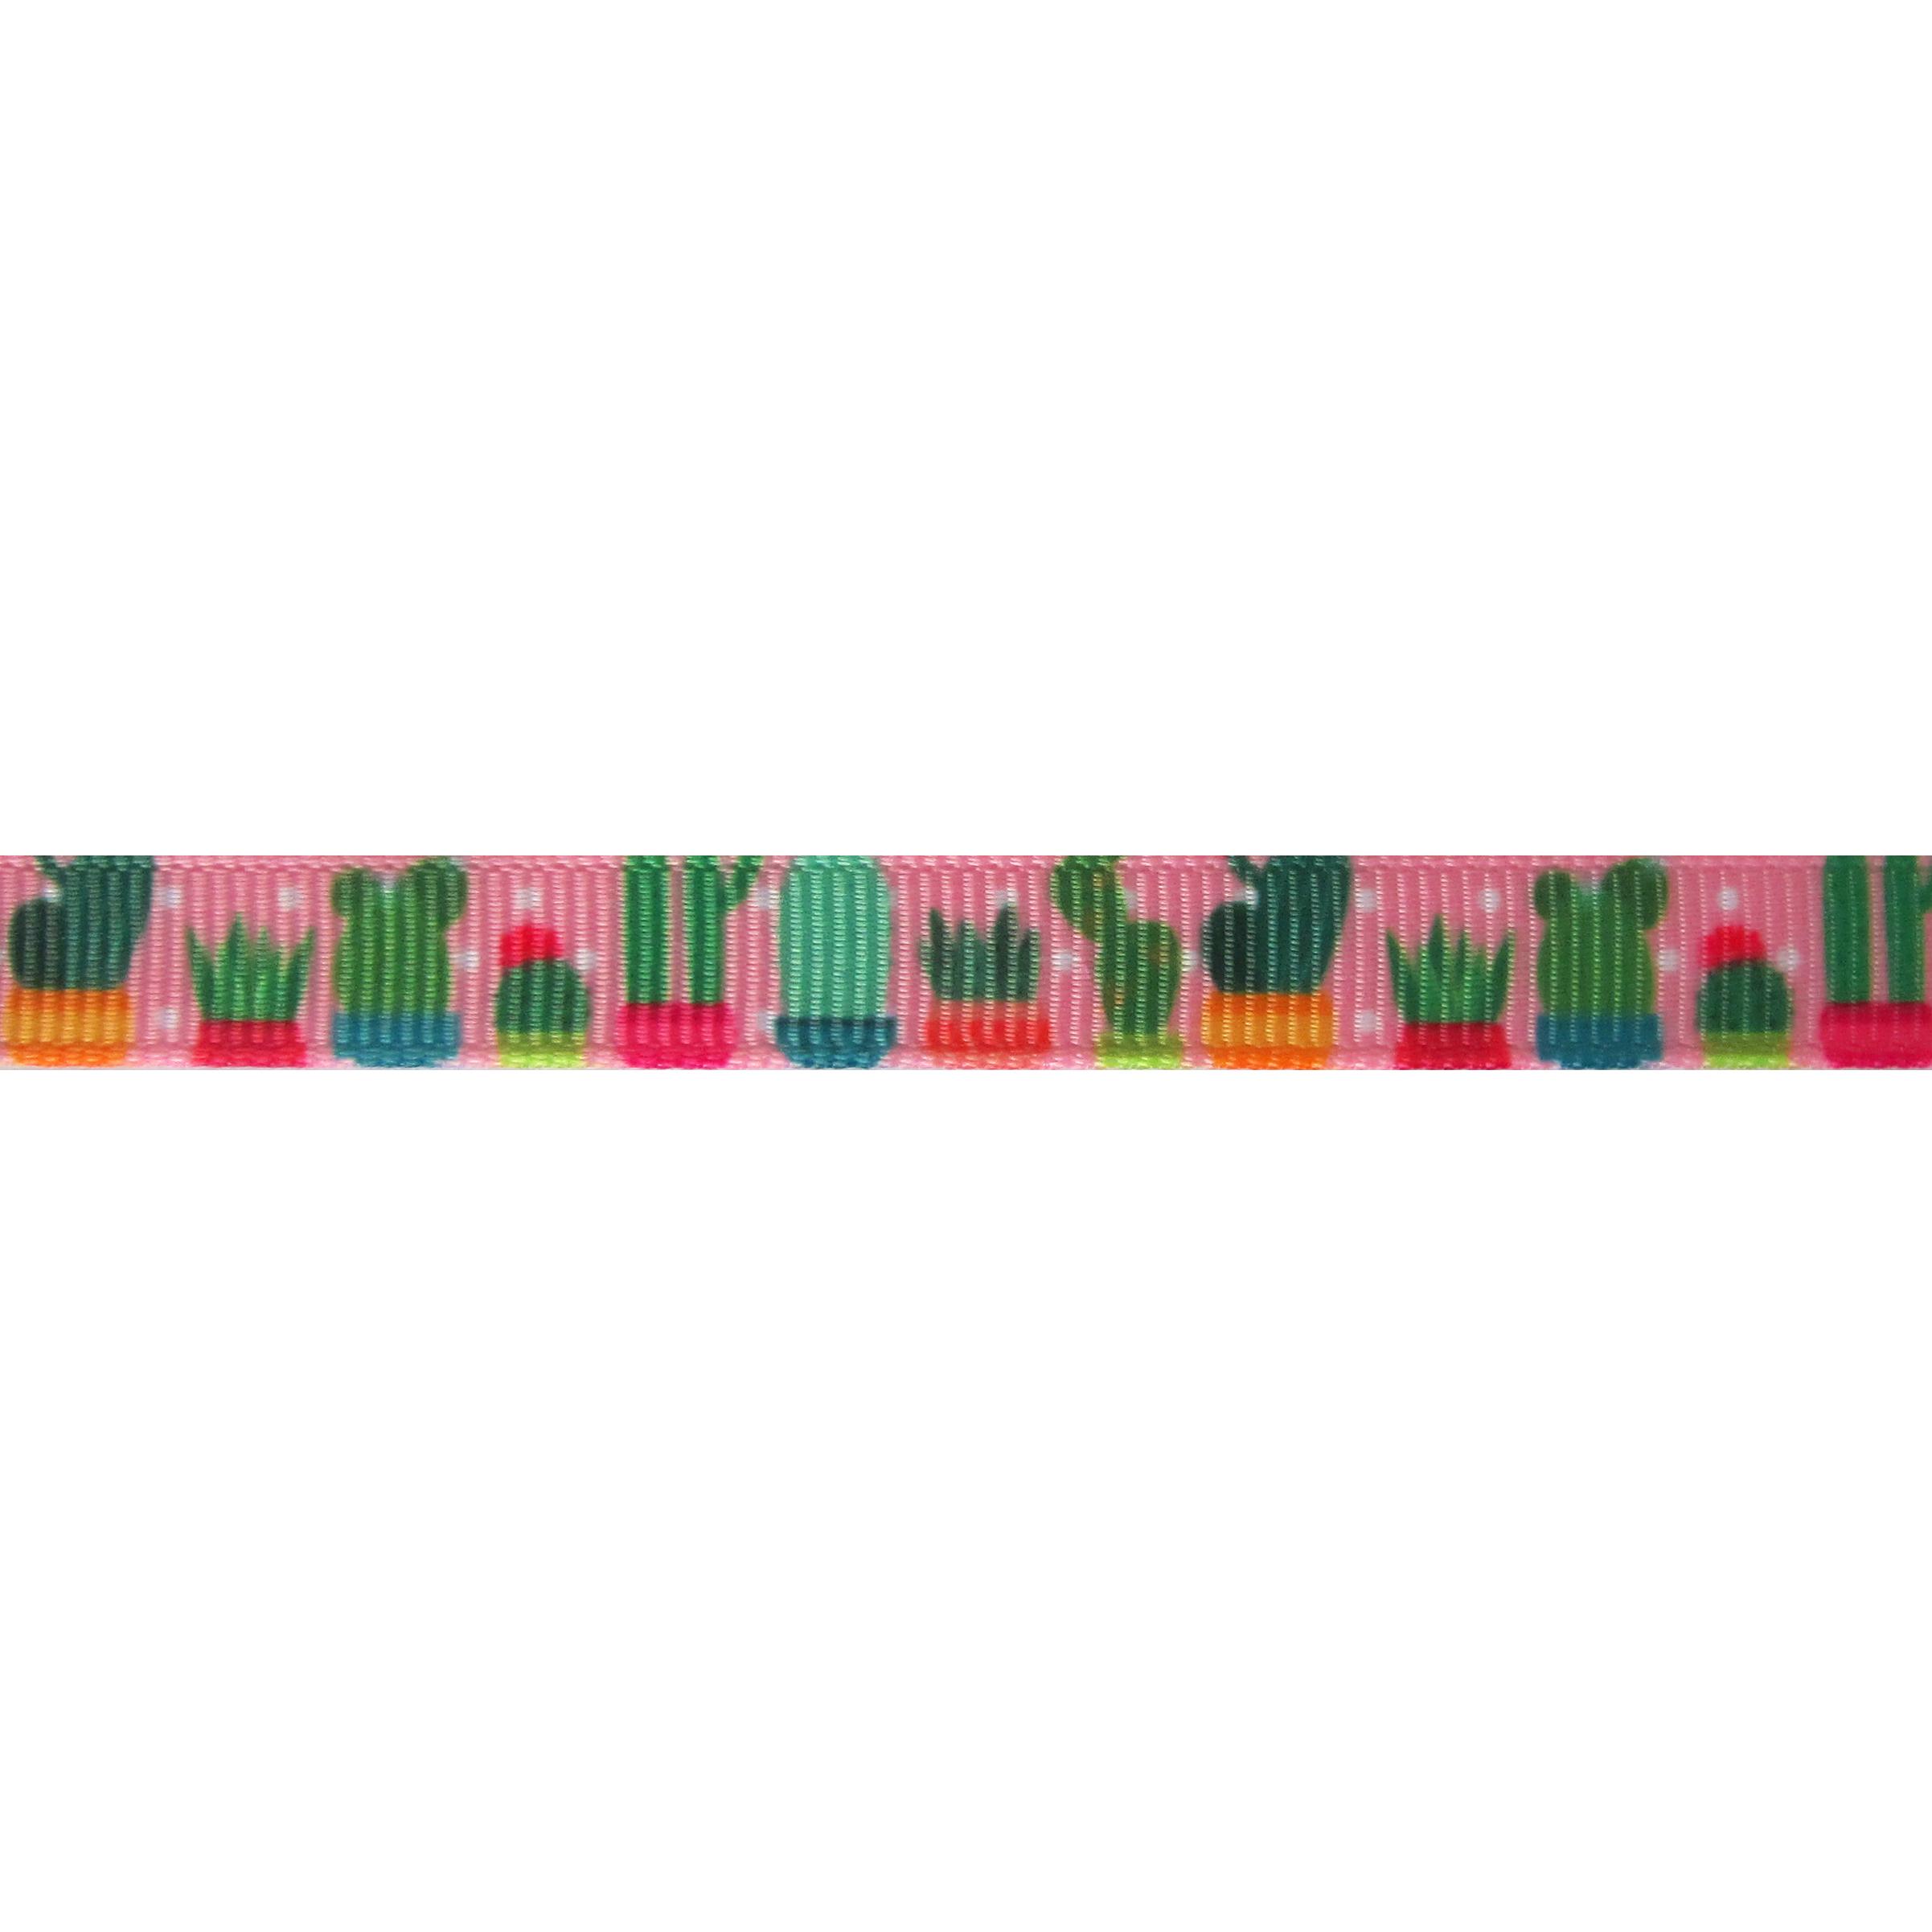 Ripsband Aufdruck 10mm - Kaktus Rosa Punkte